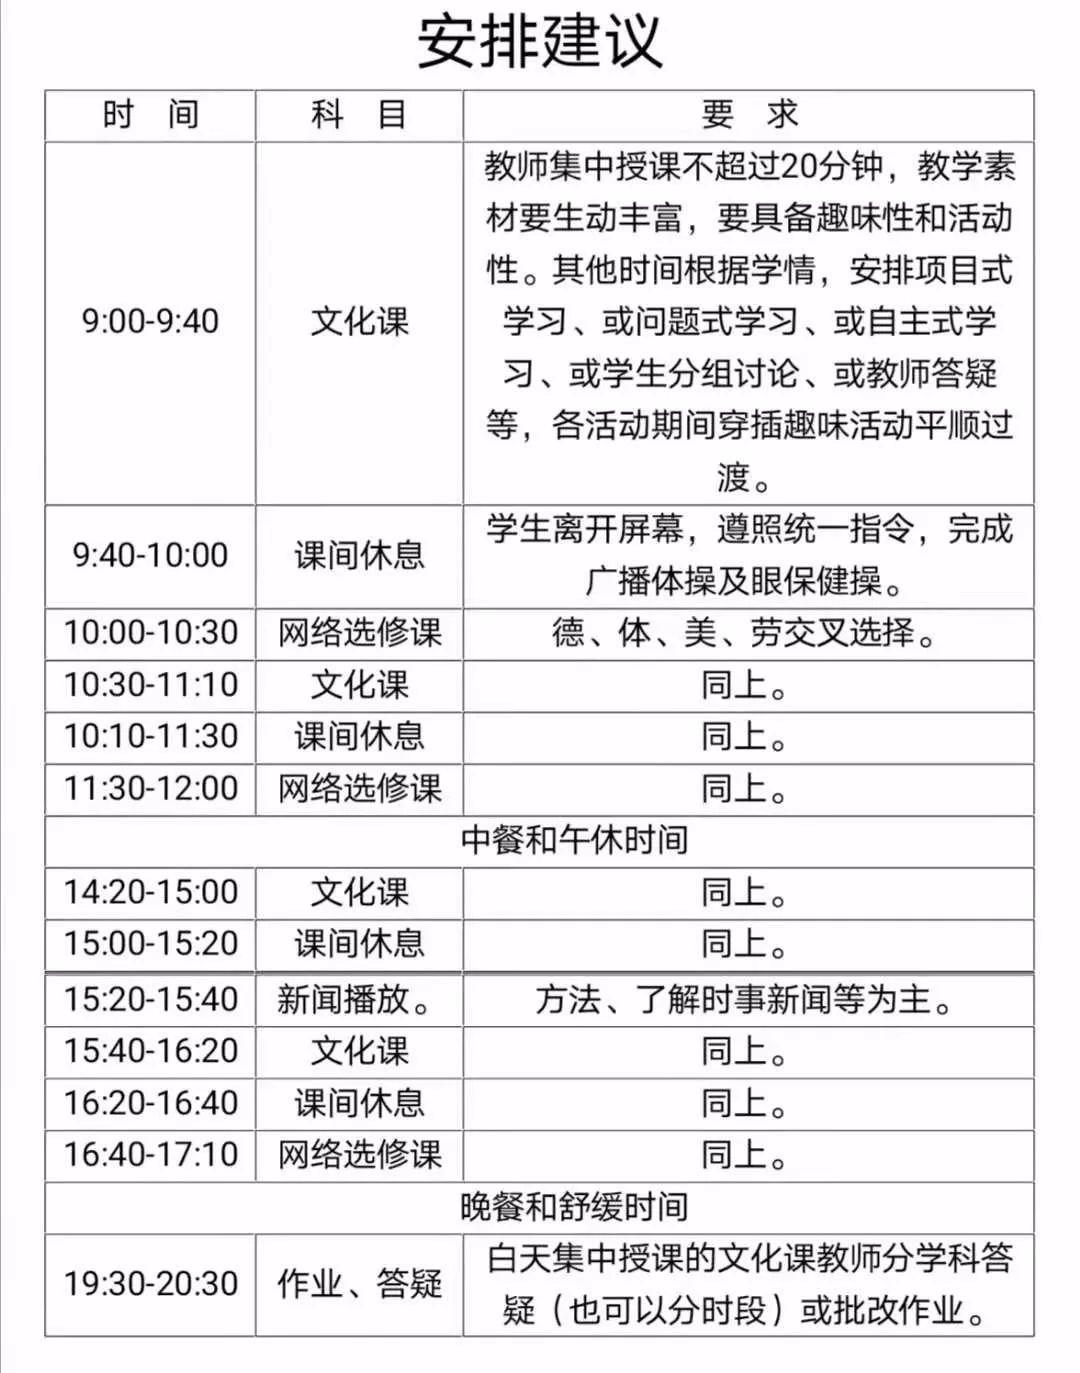 深圳教育局通知:有条件的义务教育小学初中学校2月17日起可在线教学